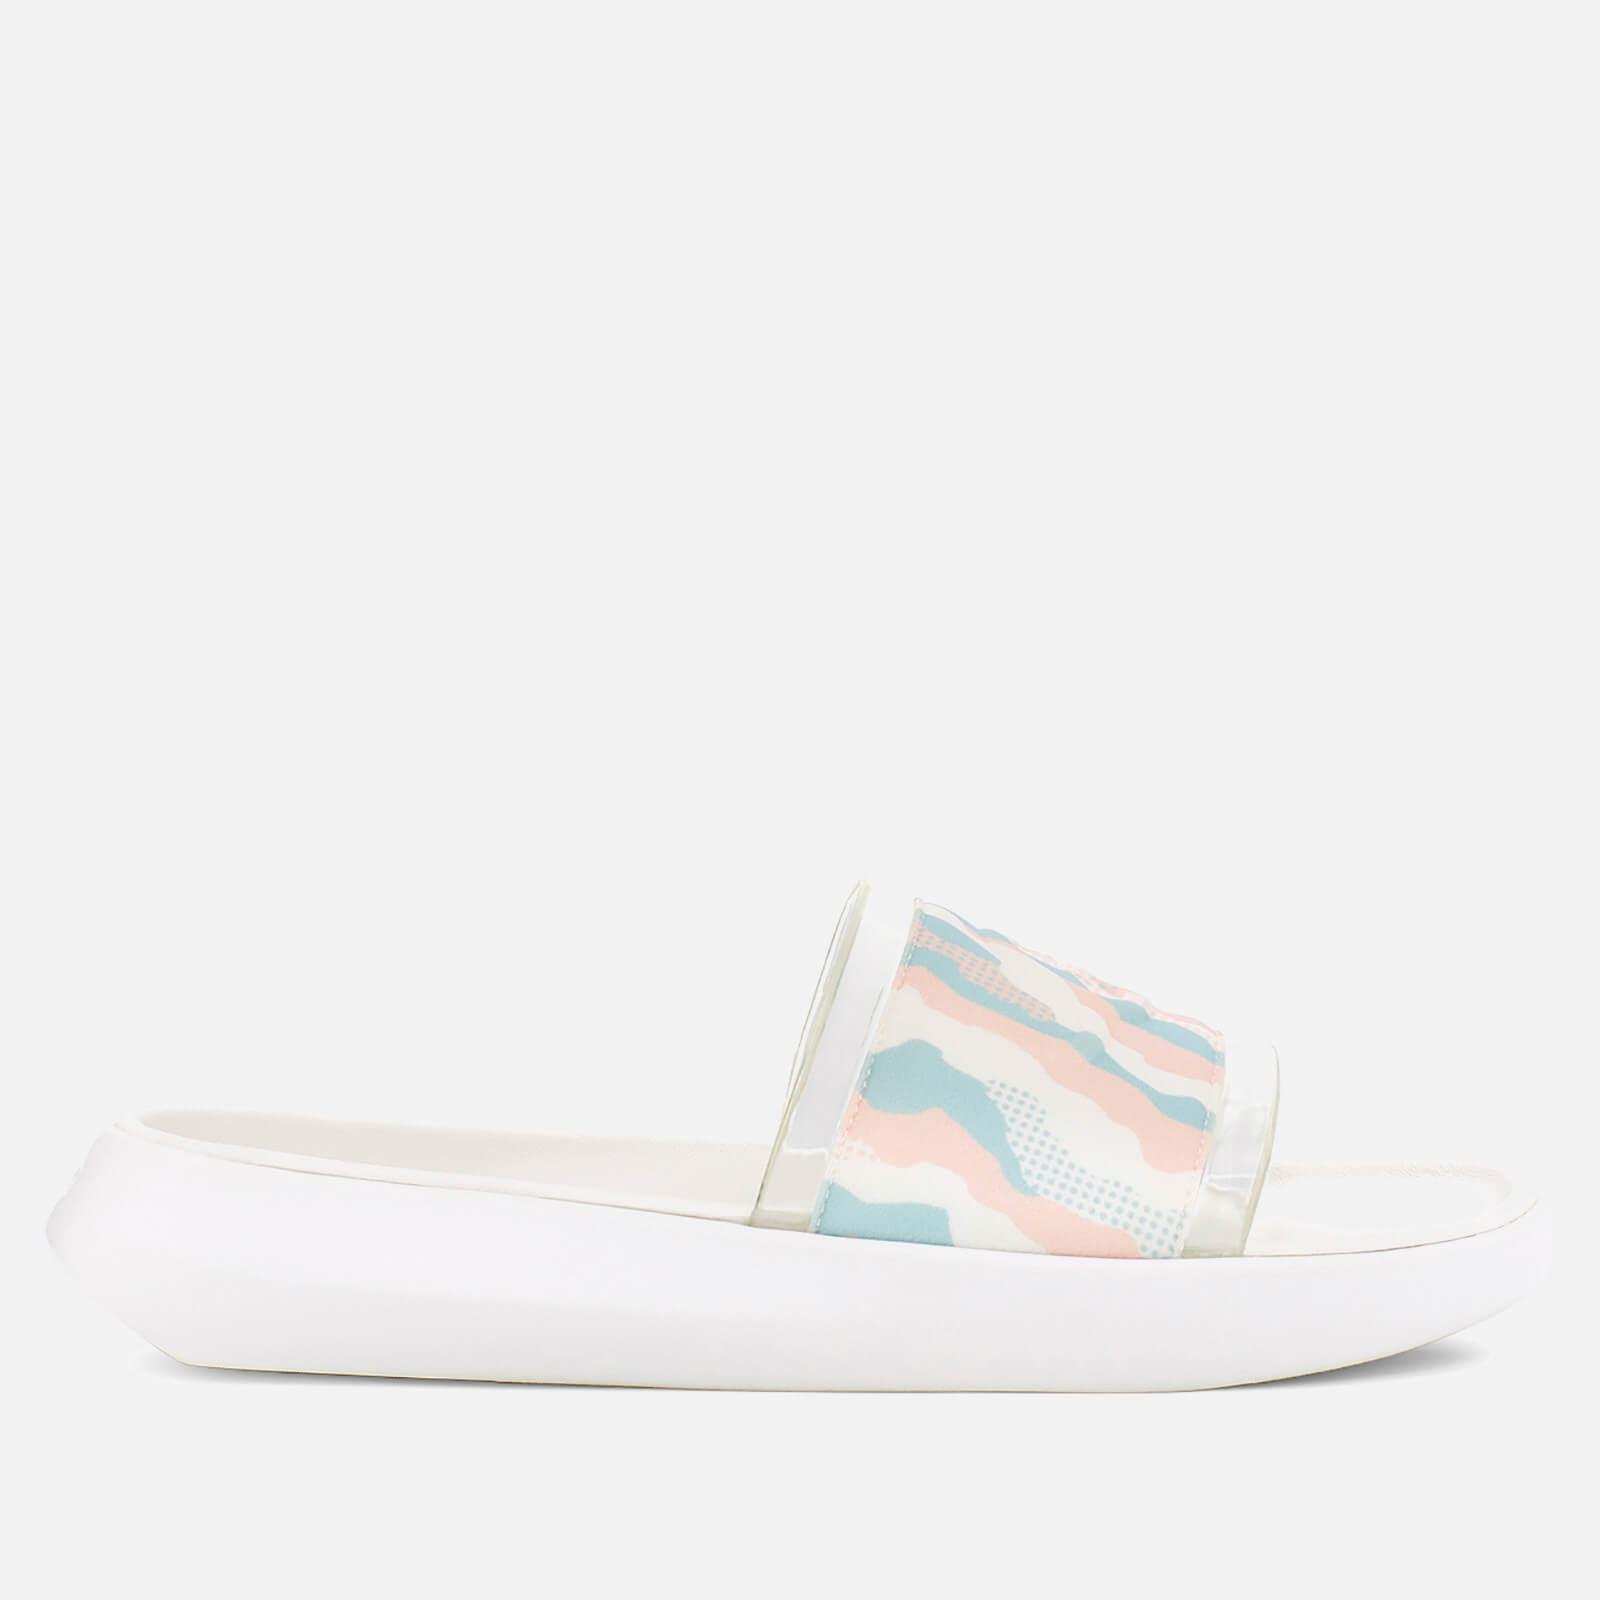 UGG Women's Pride Collection Cali Slide Sandals - Pride Stripes - UK 4